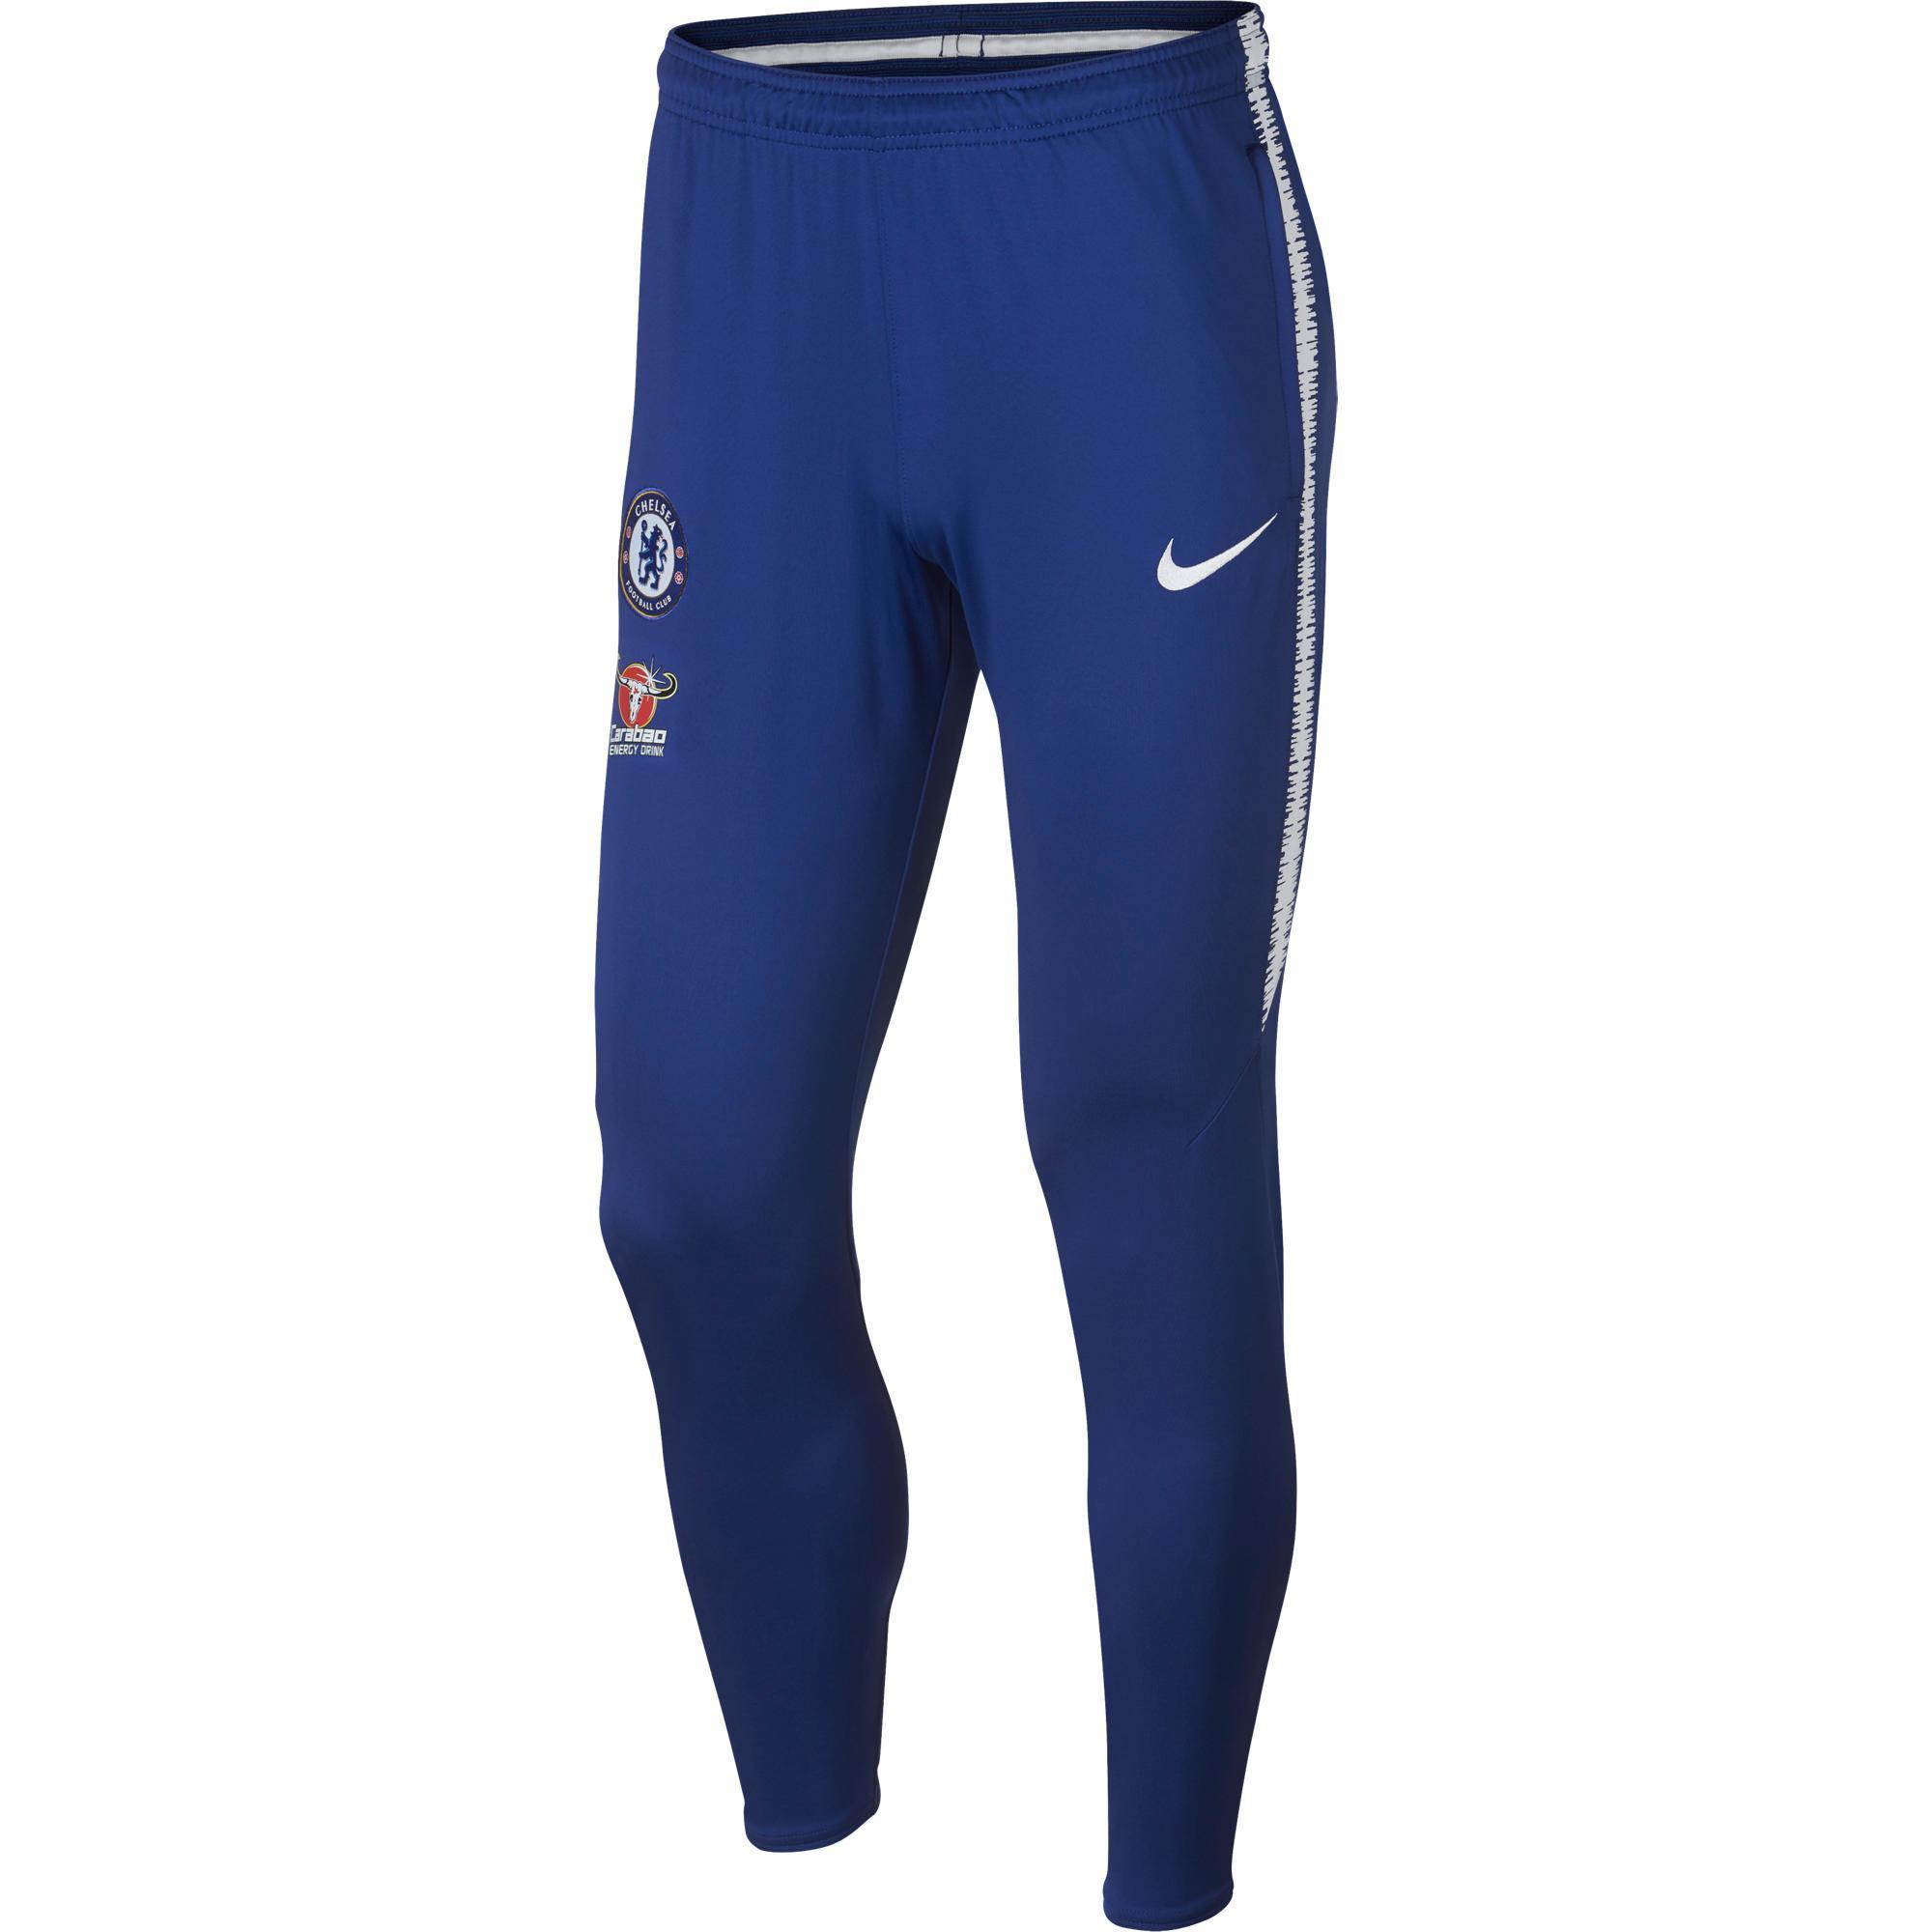 Pantalon dentrainement de football adulte chelsea 2019 nike